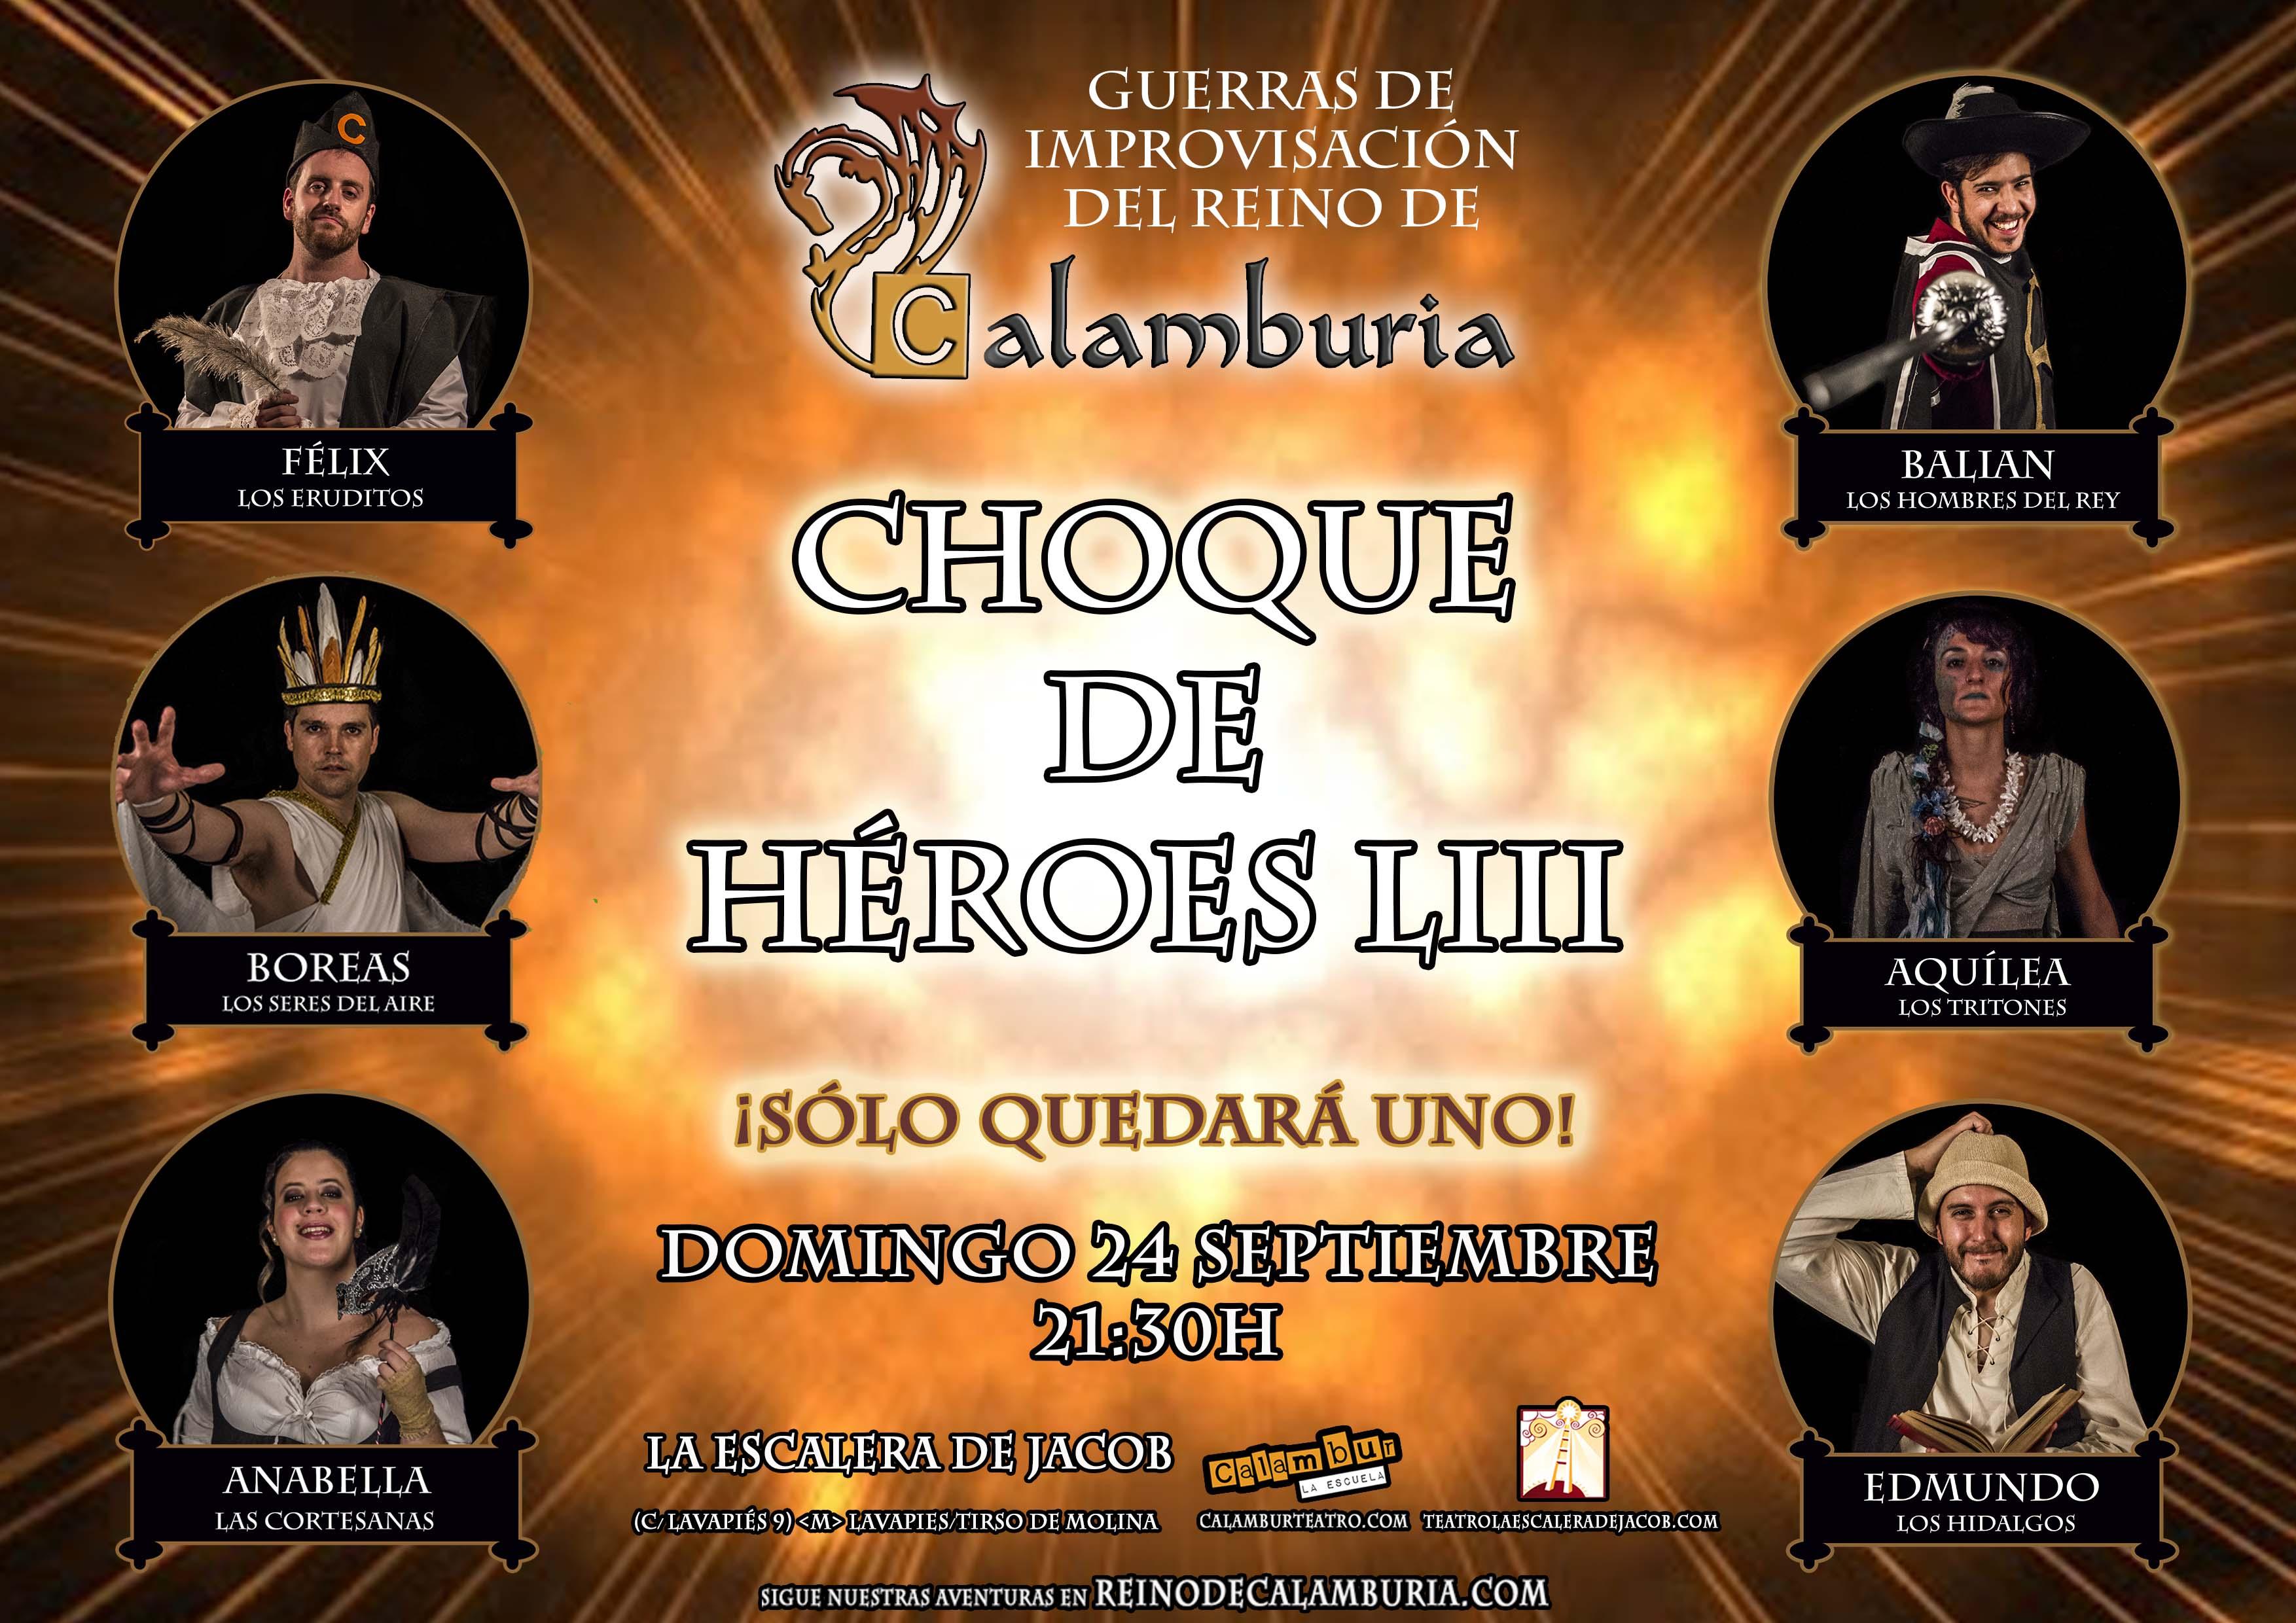 CHOQUE DE HEROES 53